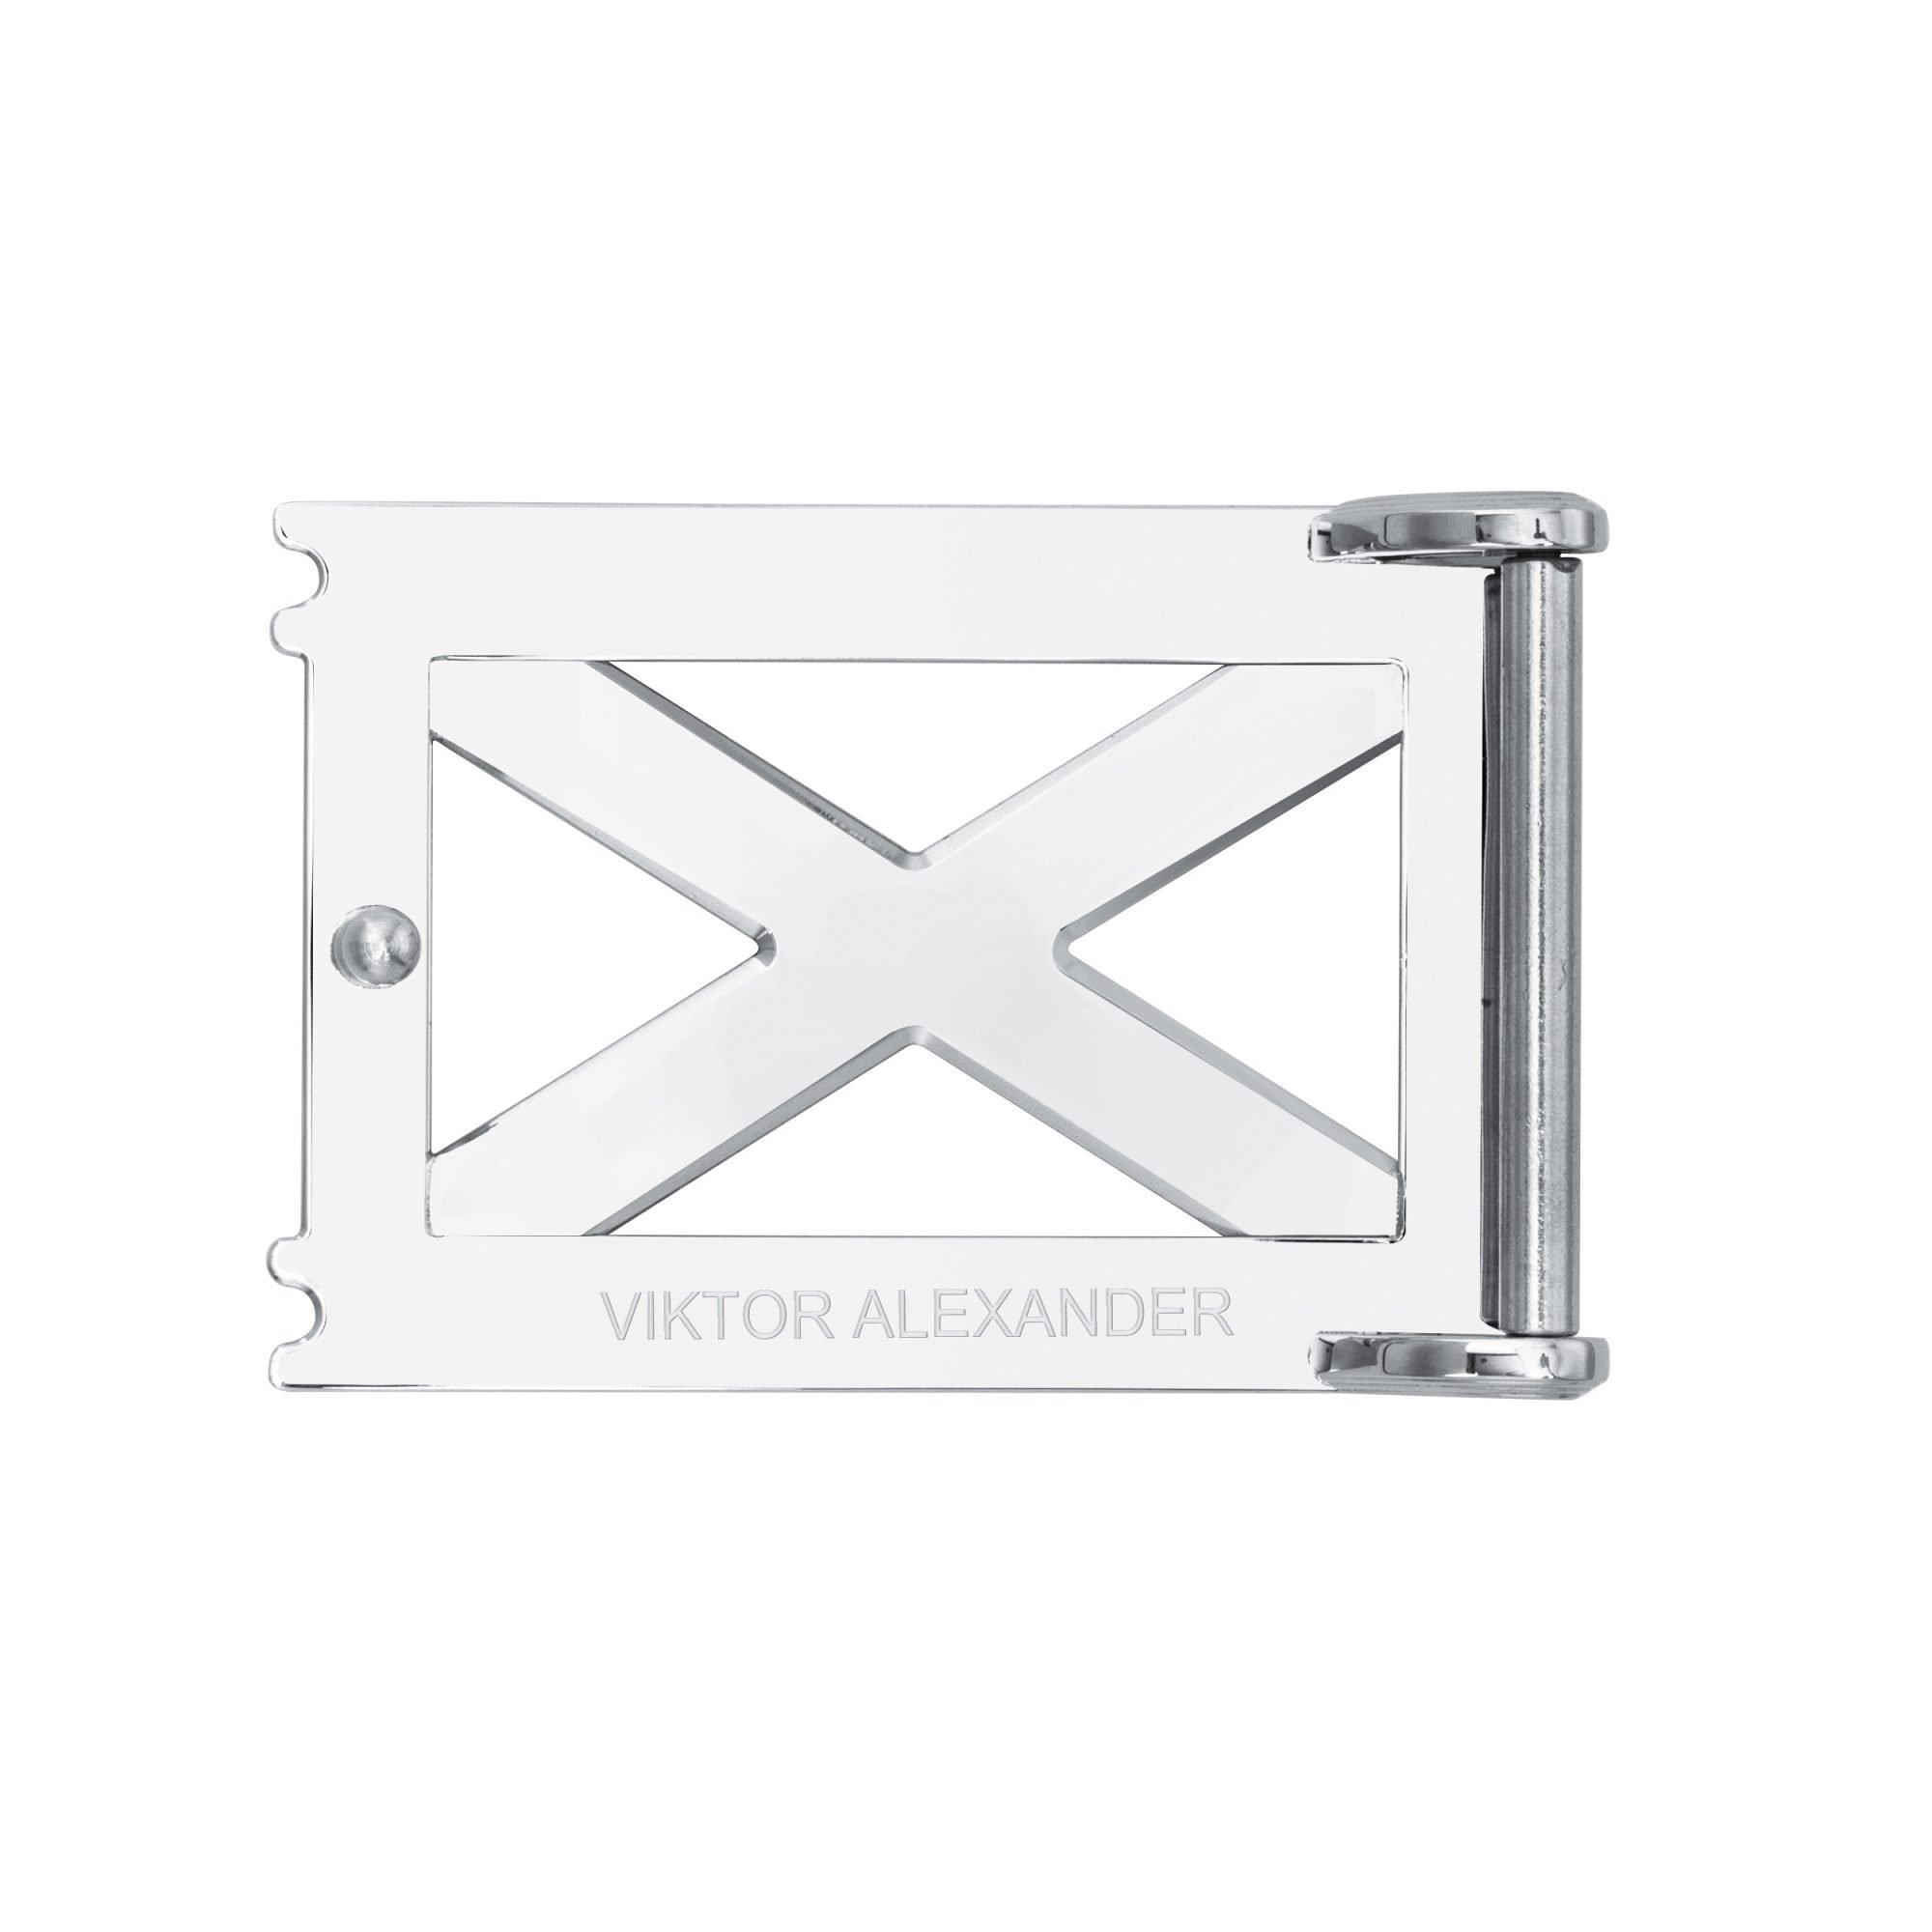 VIKTOR ALEXANDER 38MM STAINLESS STEEL BELT BUCKLE REPERTOIRE X BACK PROFILE